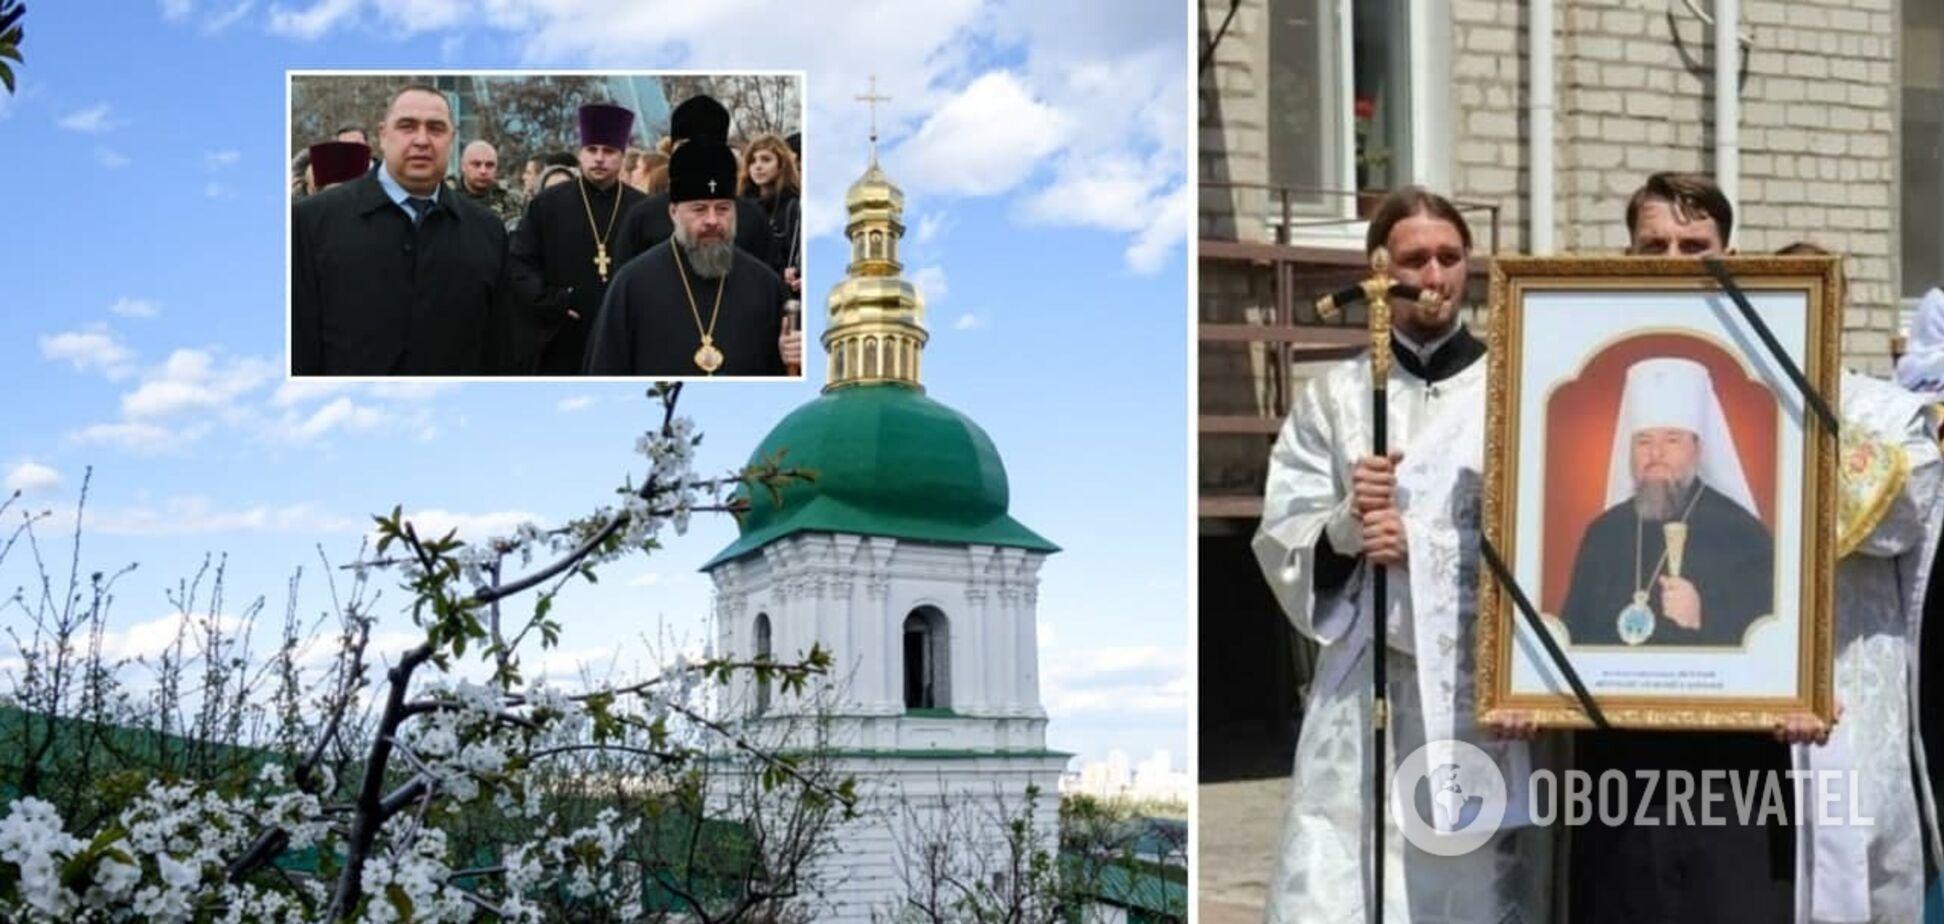 У Києві поховали митрополита УПЦ МП, який освячував в'язниці в 'ЛНР'. Фото та відео